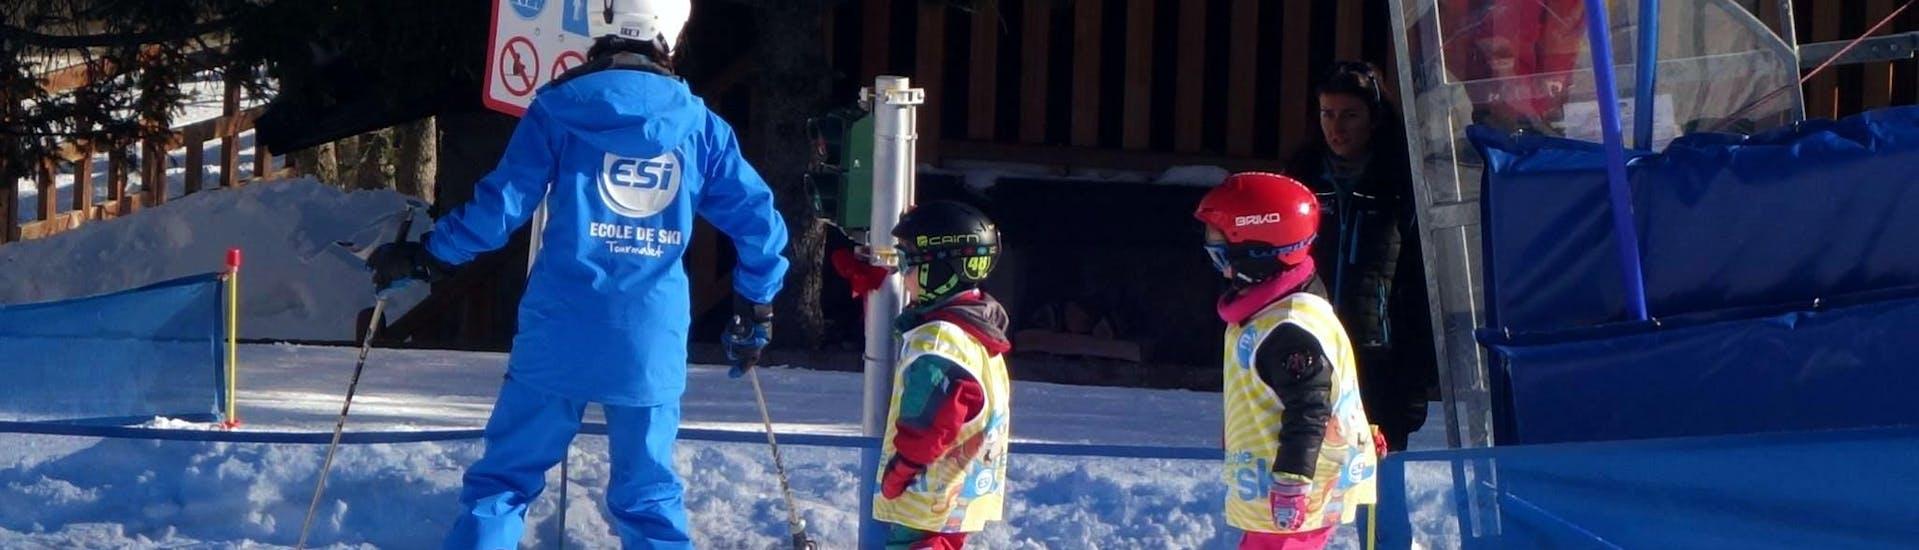 """Los jóvenes esquiadores siguen a su monitor de esquí de la escuela de esquí ESI du Tourmalet en La Mongie durante sus clases de esquí para niños """"Club Mont et Souris"""" (3-4 años) en el ambiente seguro del jardín de nieve."""